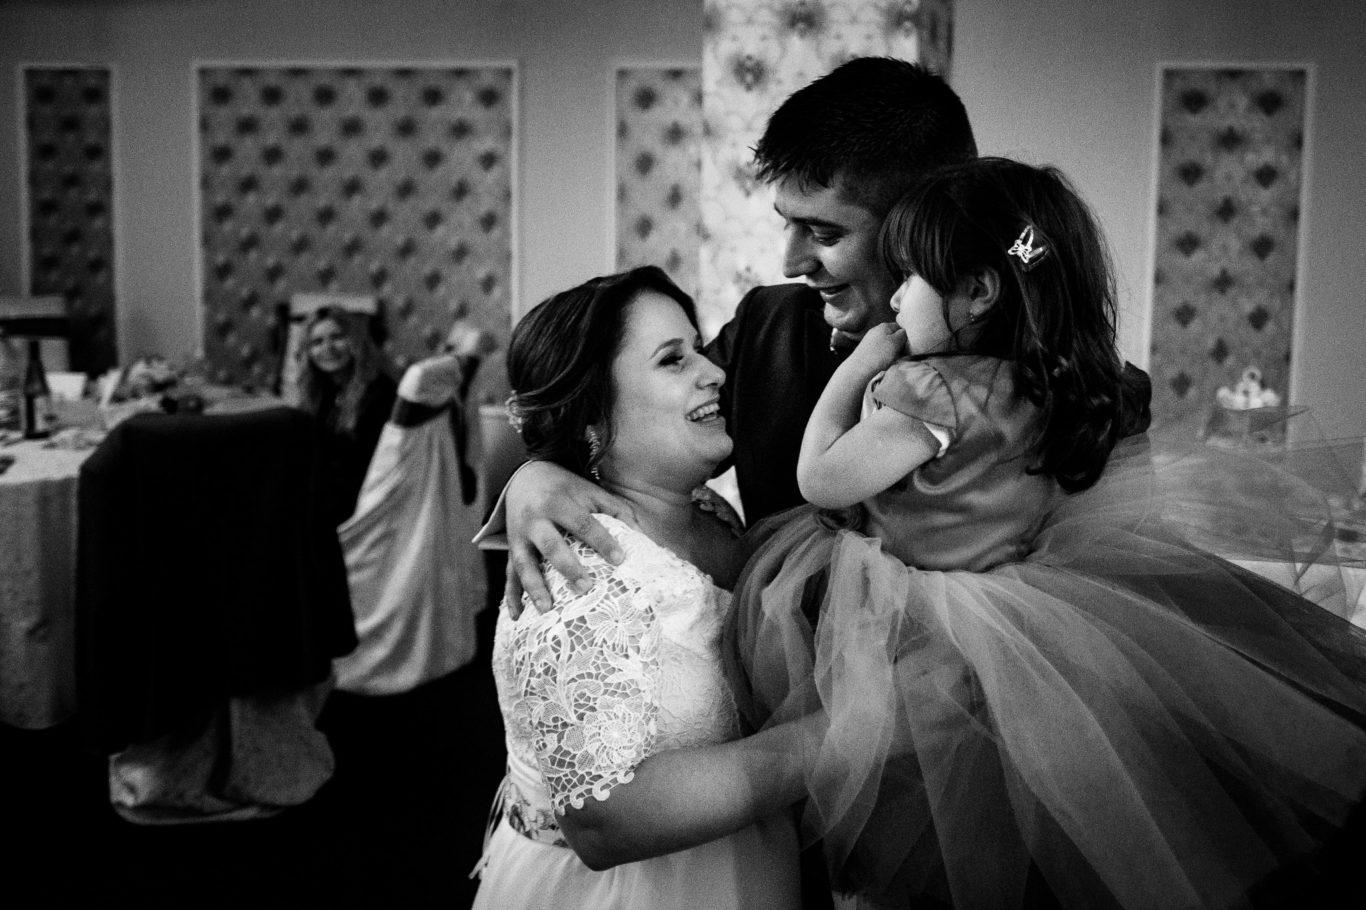 0362-Fotografie-nunta-Flory-Cristi-fotograf-Ciprian-Dumitrescu-DSCF9211